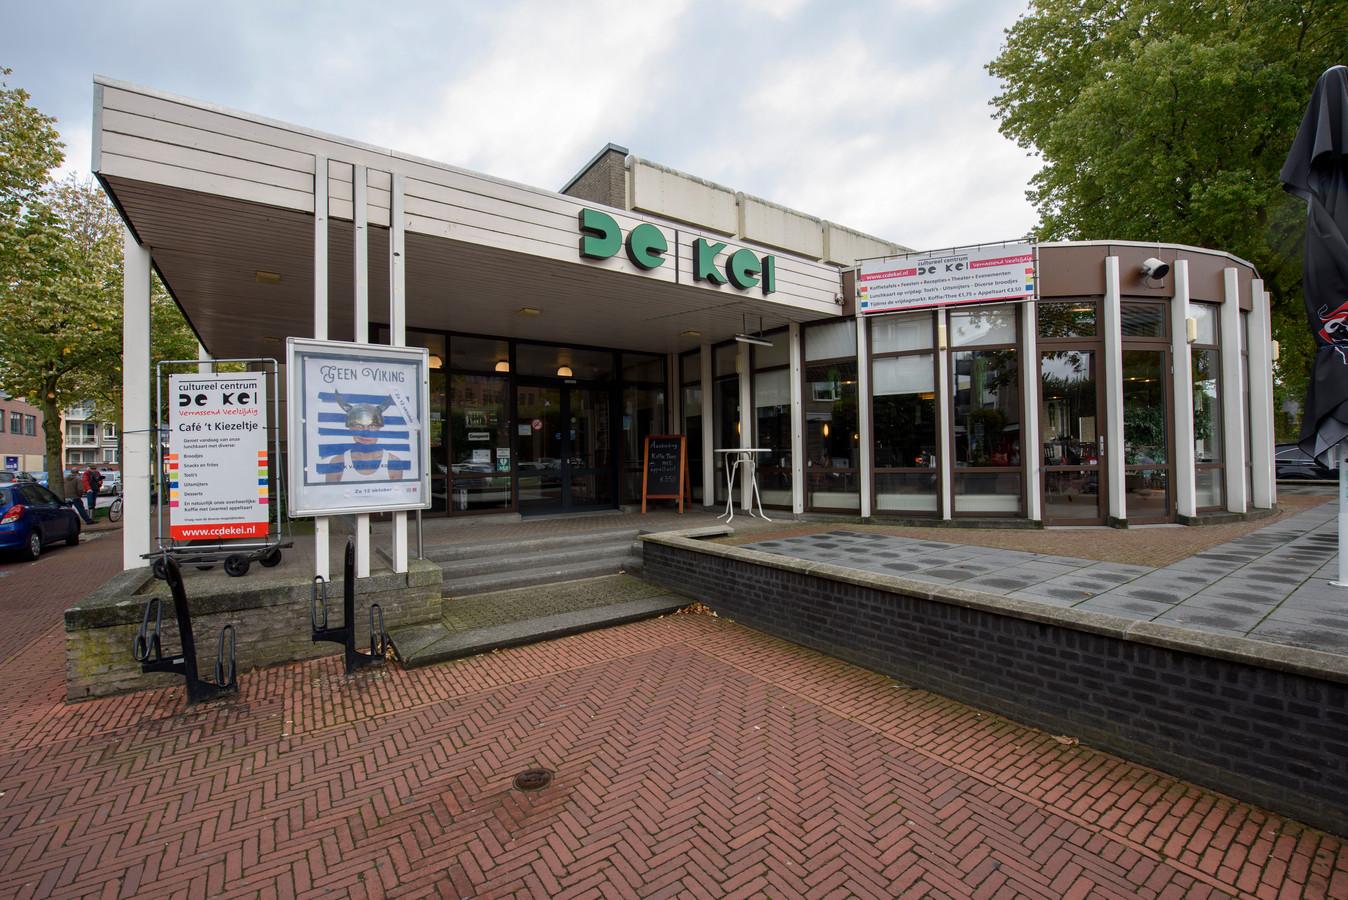 Cultureel centrum De Kei in Reusel.